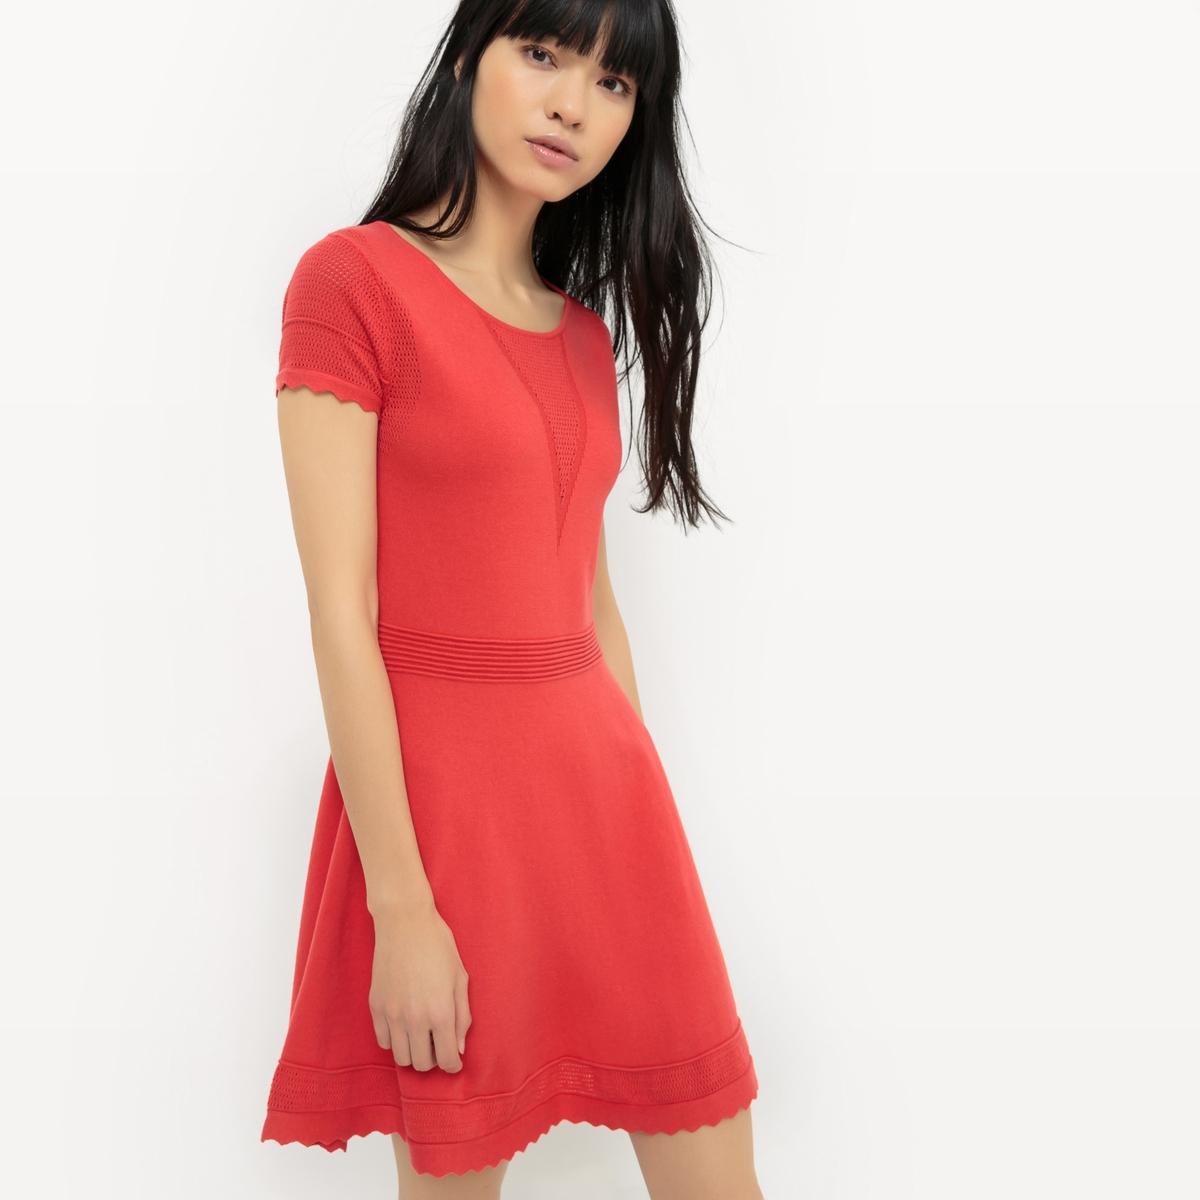 Платье короткое, с короткими рукавами, однотонноеДетали  •  Форма : расклешенная   •  короткое  •  Короткие рукава    • Круглый вырез Состав и уход  •  100% хлопок• Просьба следовать советам по уходу, указанным на этикетке изделия<br><br>Цвет: красный<br>Размер: M